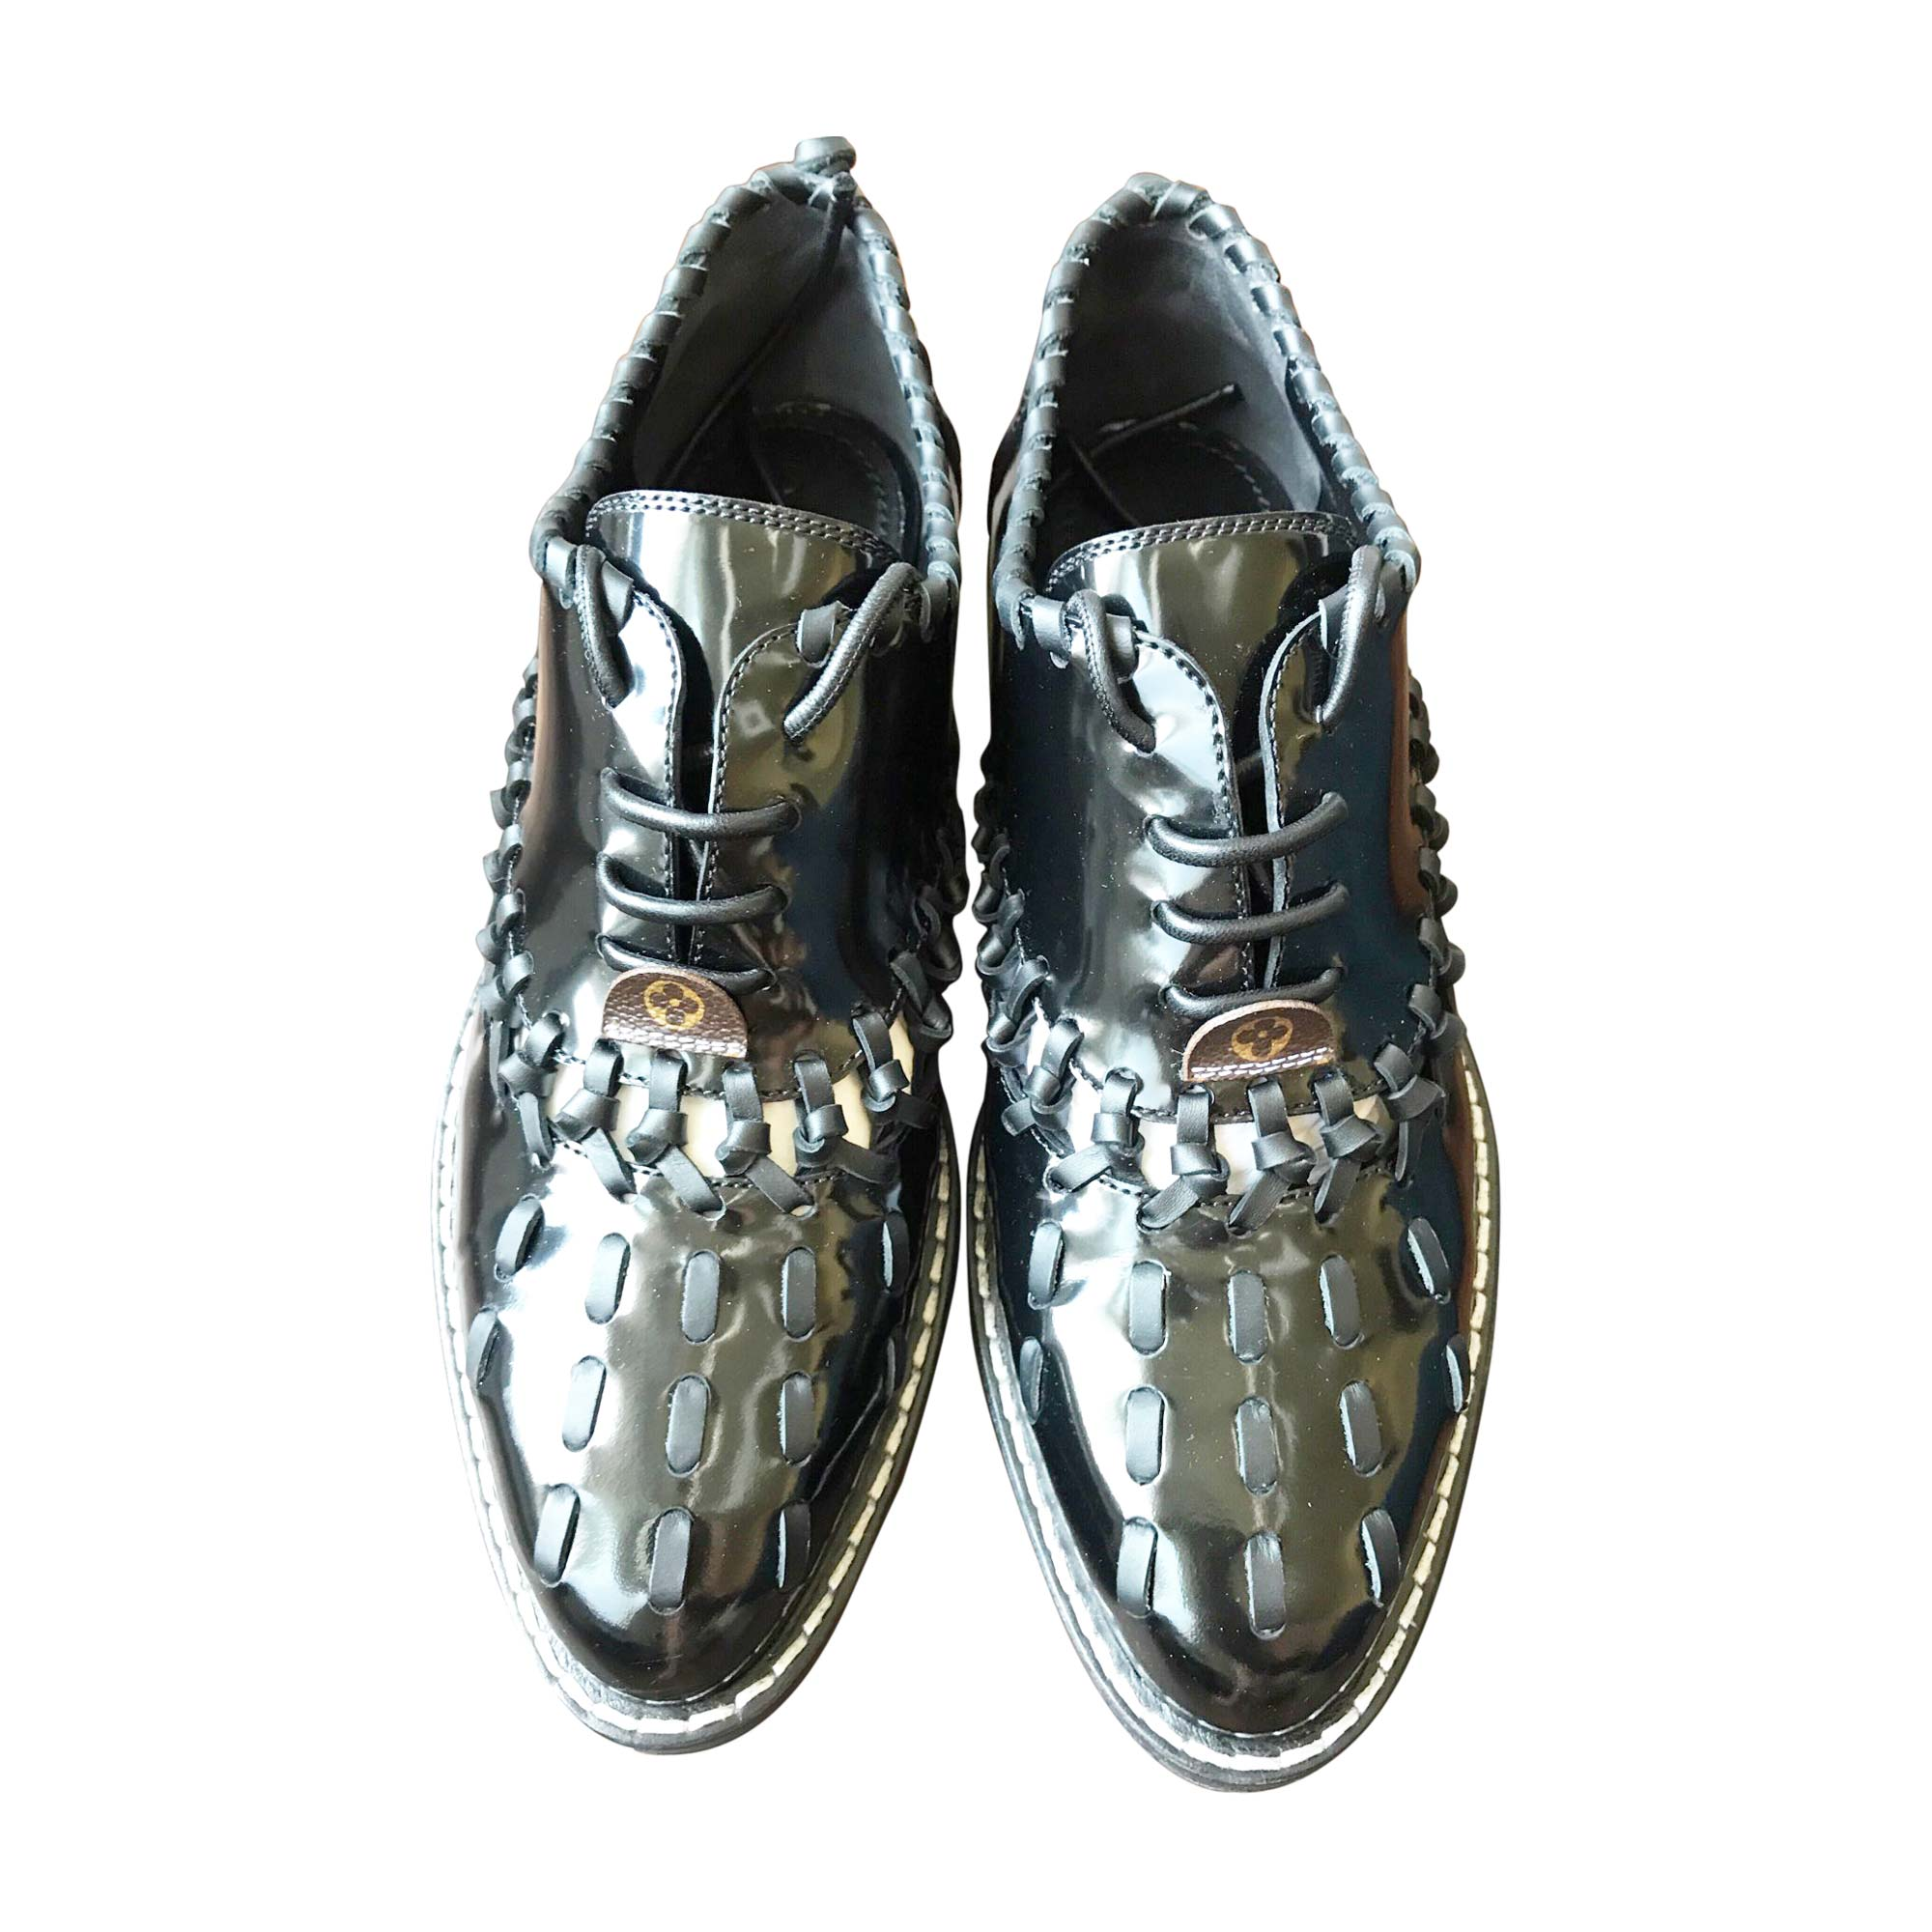 Chaussures à lacets LOUIS VUITTON 40 noir - 7926674 d2780699ee8